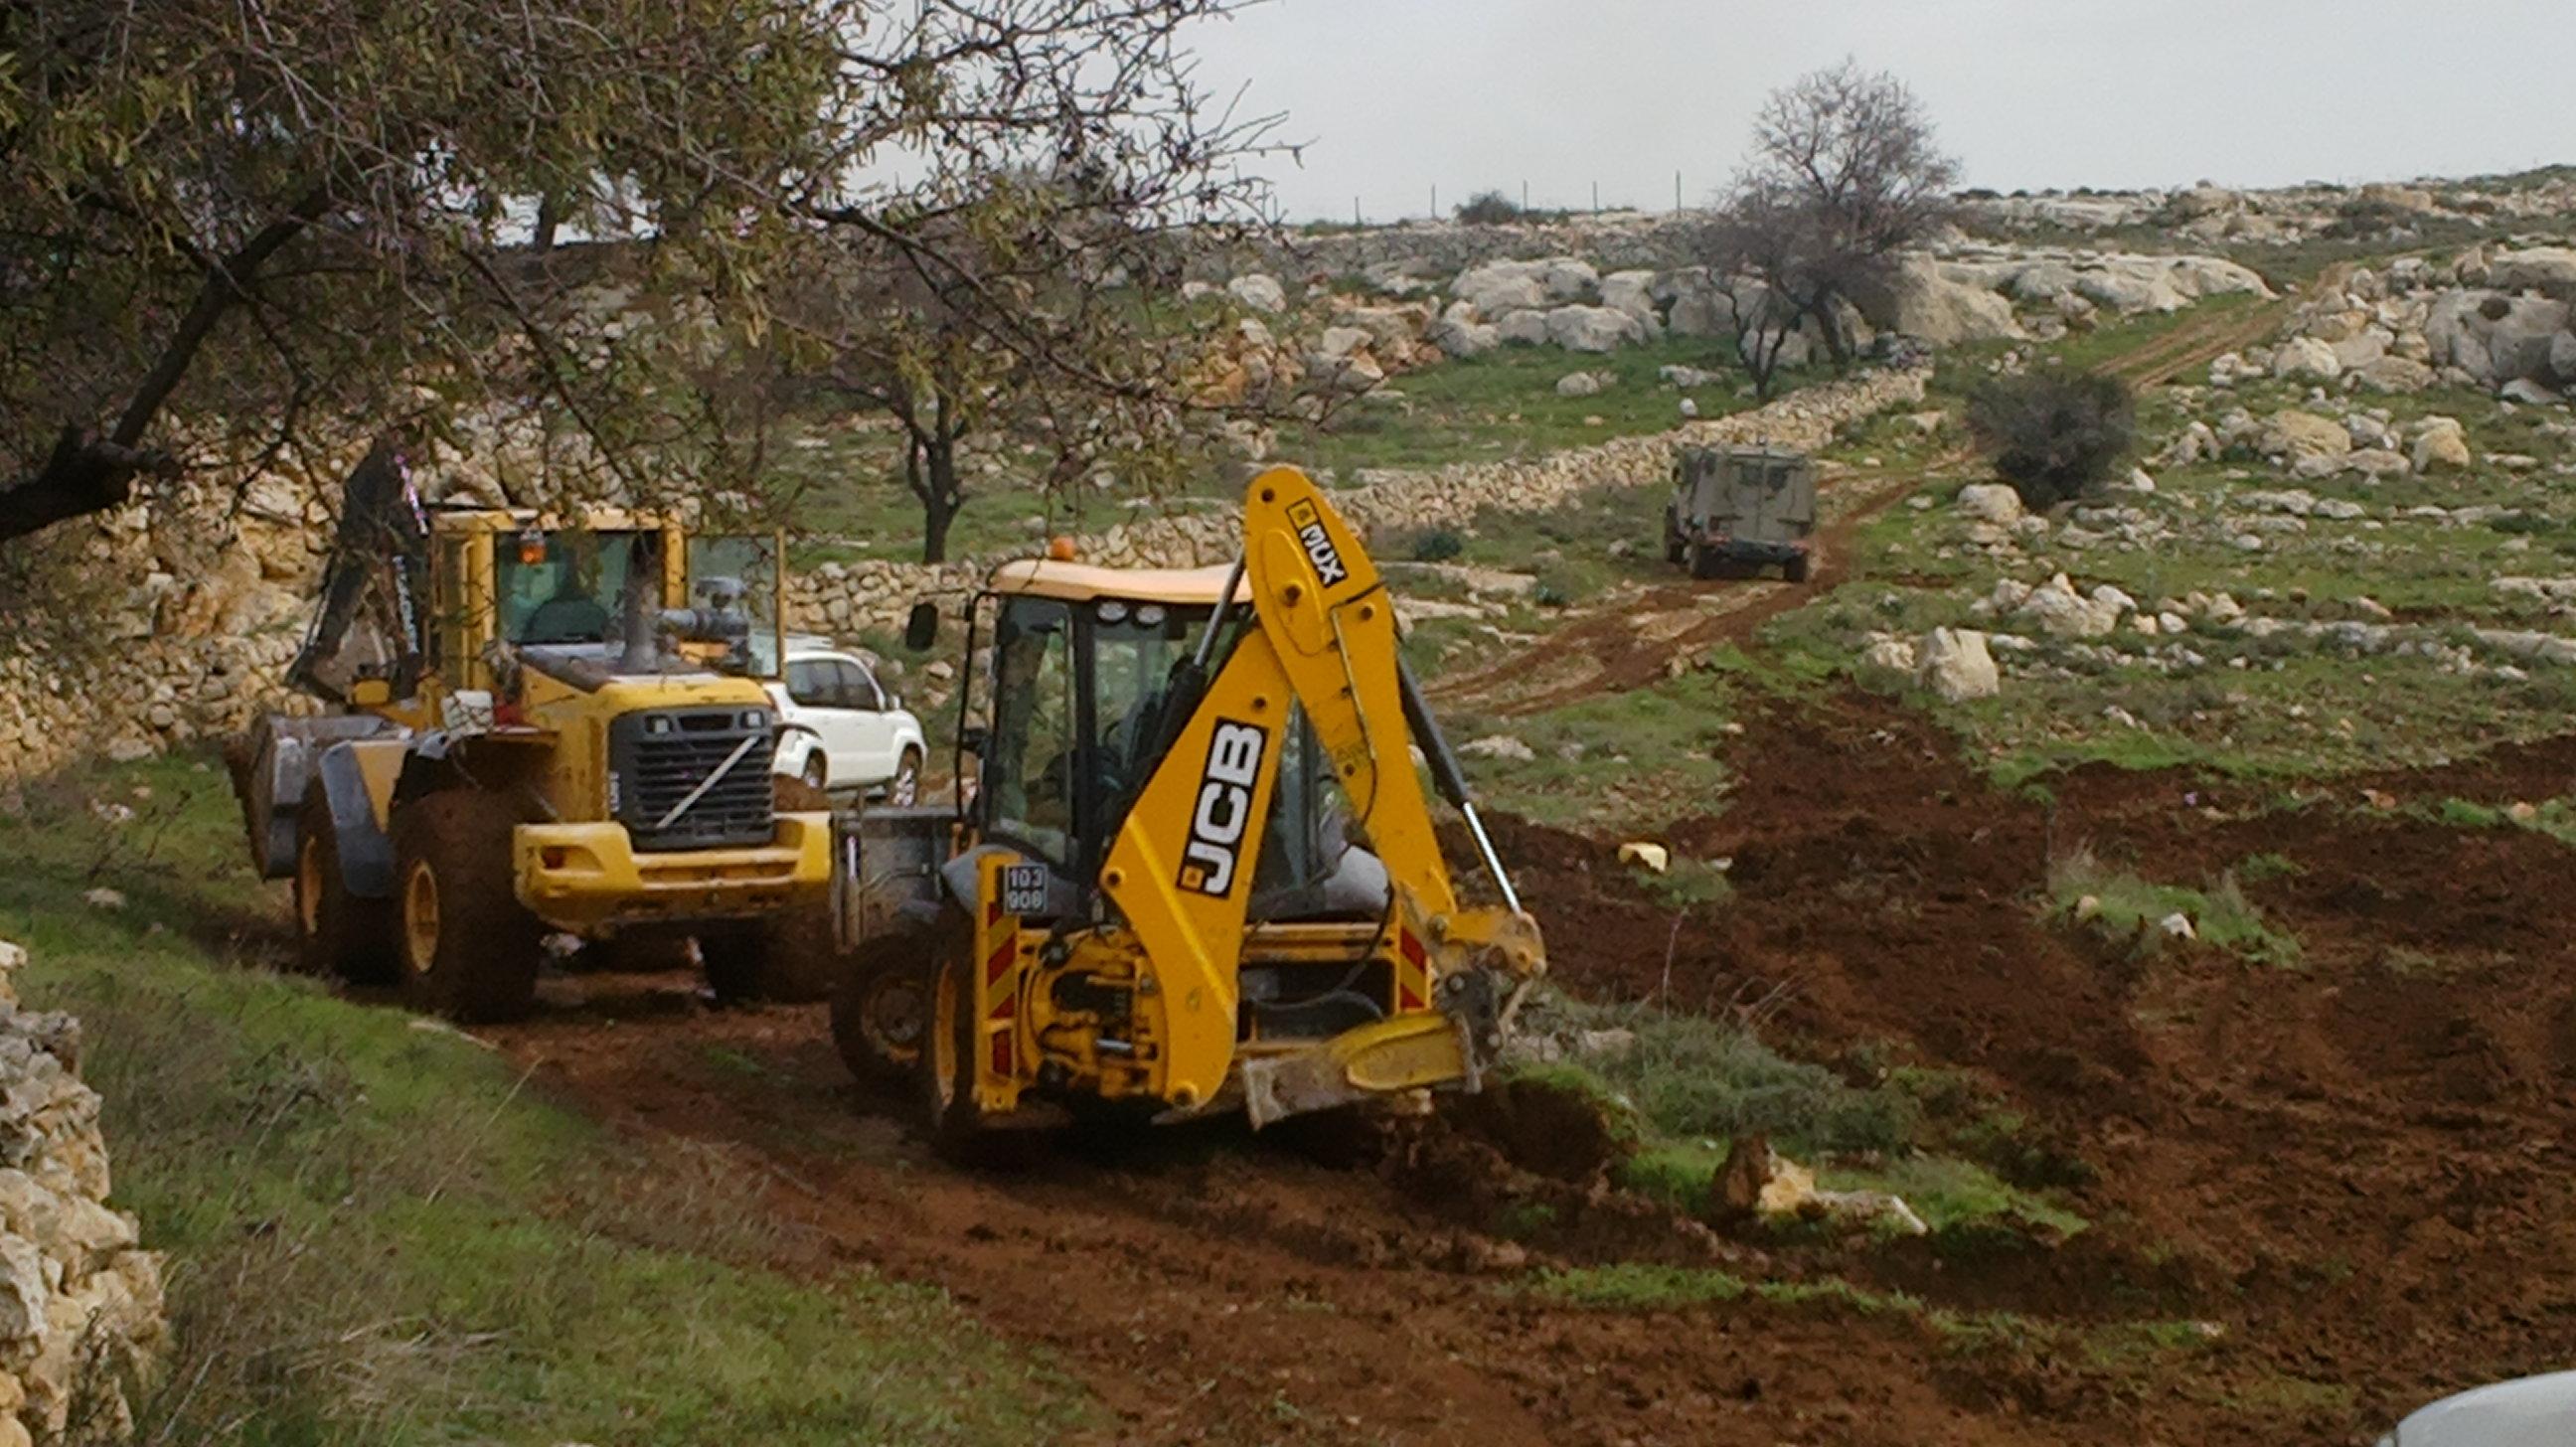 الاحتلال يهدم منزلا ومنشآت زراعية بالقدس ويعتقل 7 من الضفة الغربية